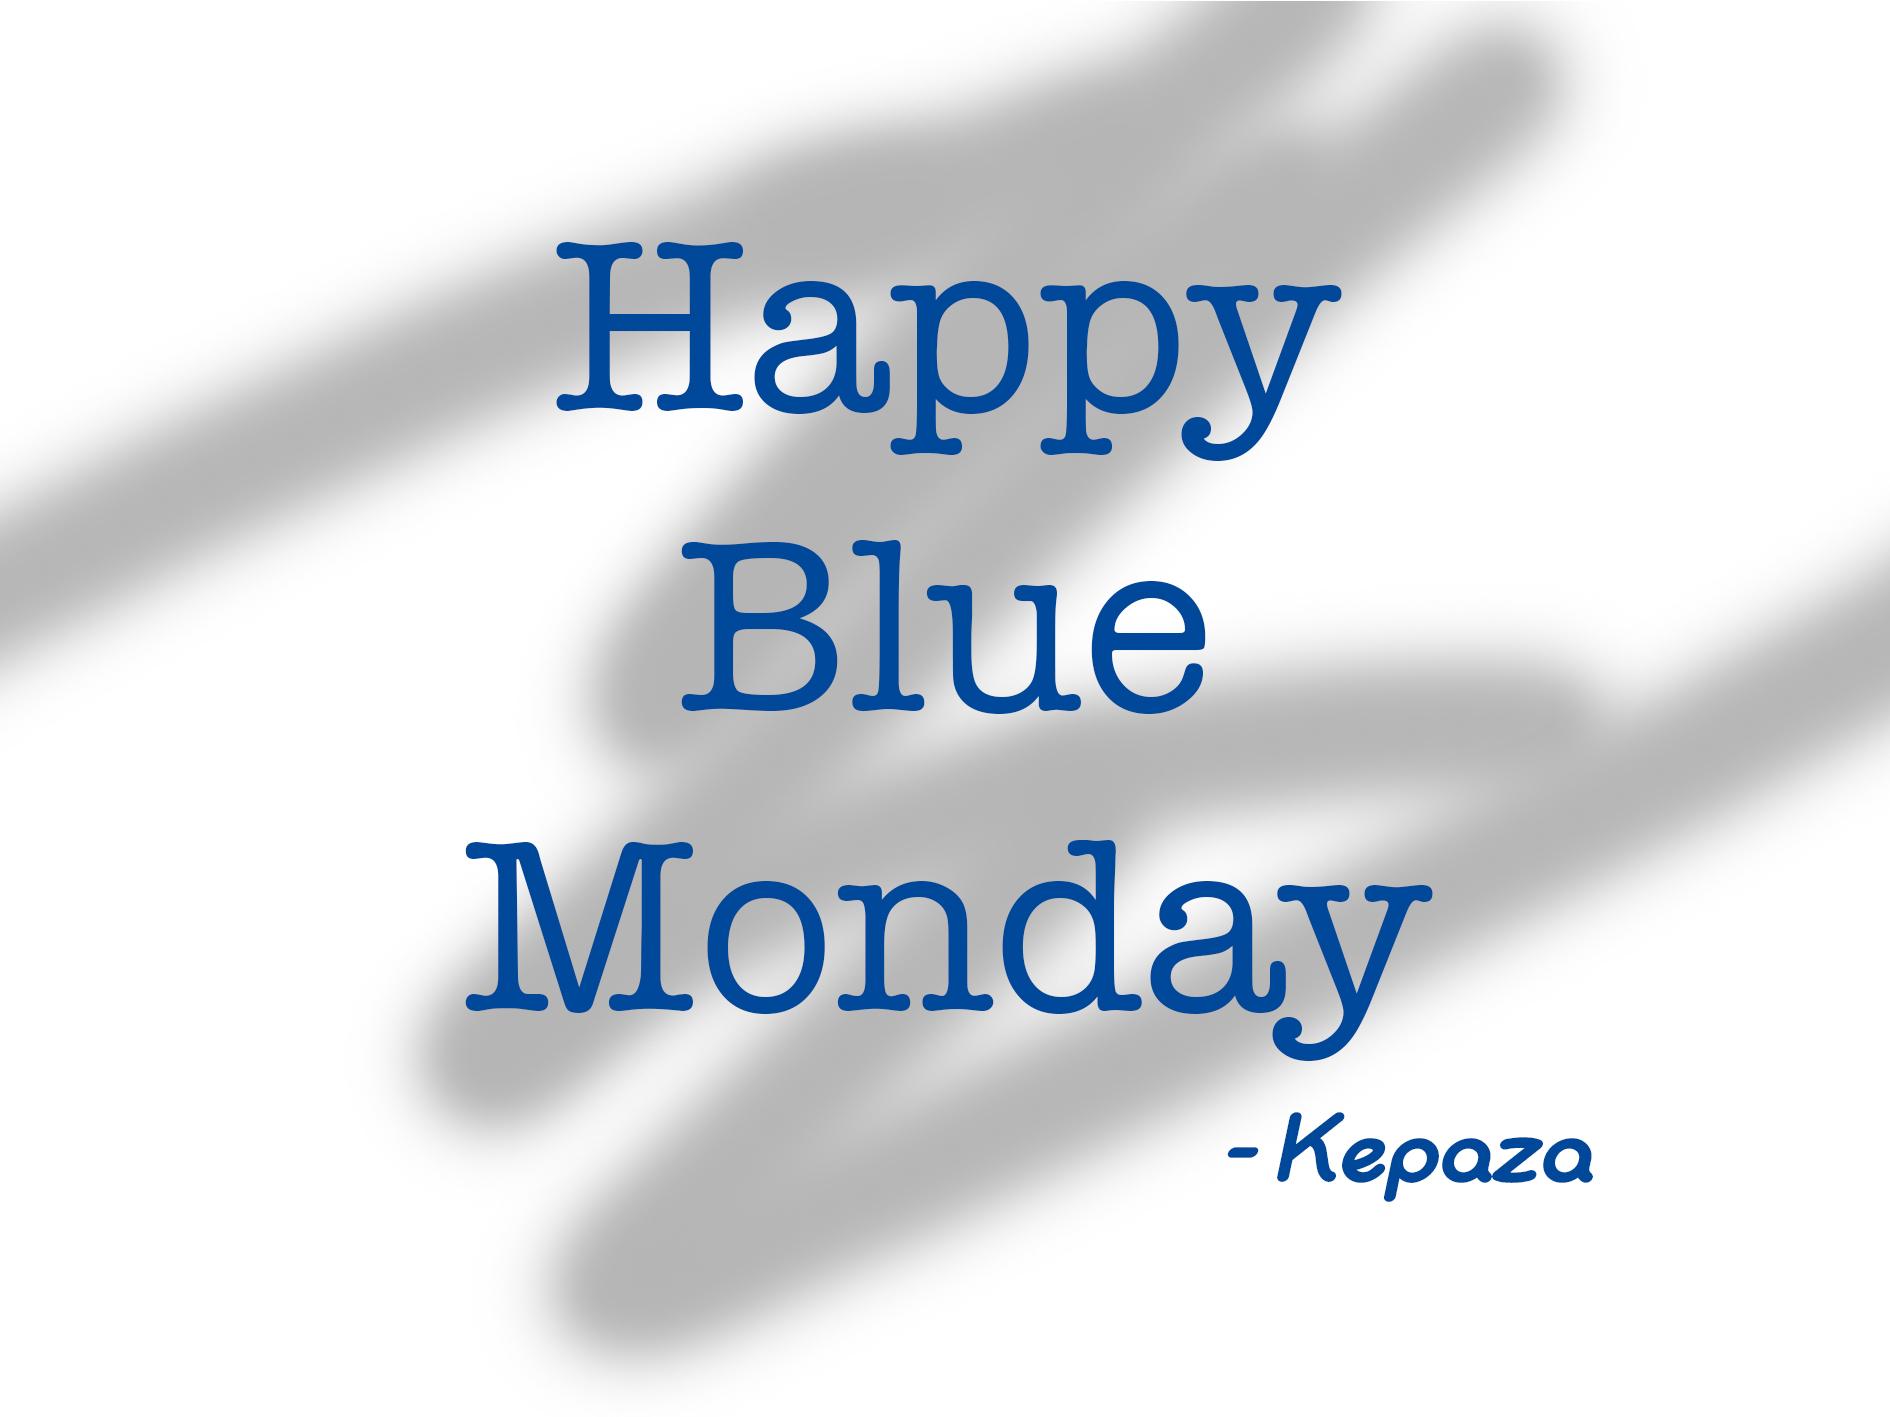 Kepaza Quote - Happy Blue Monday